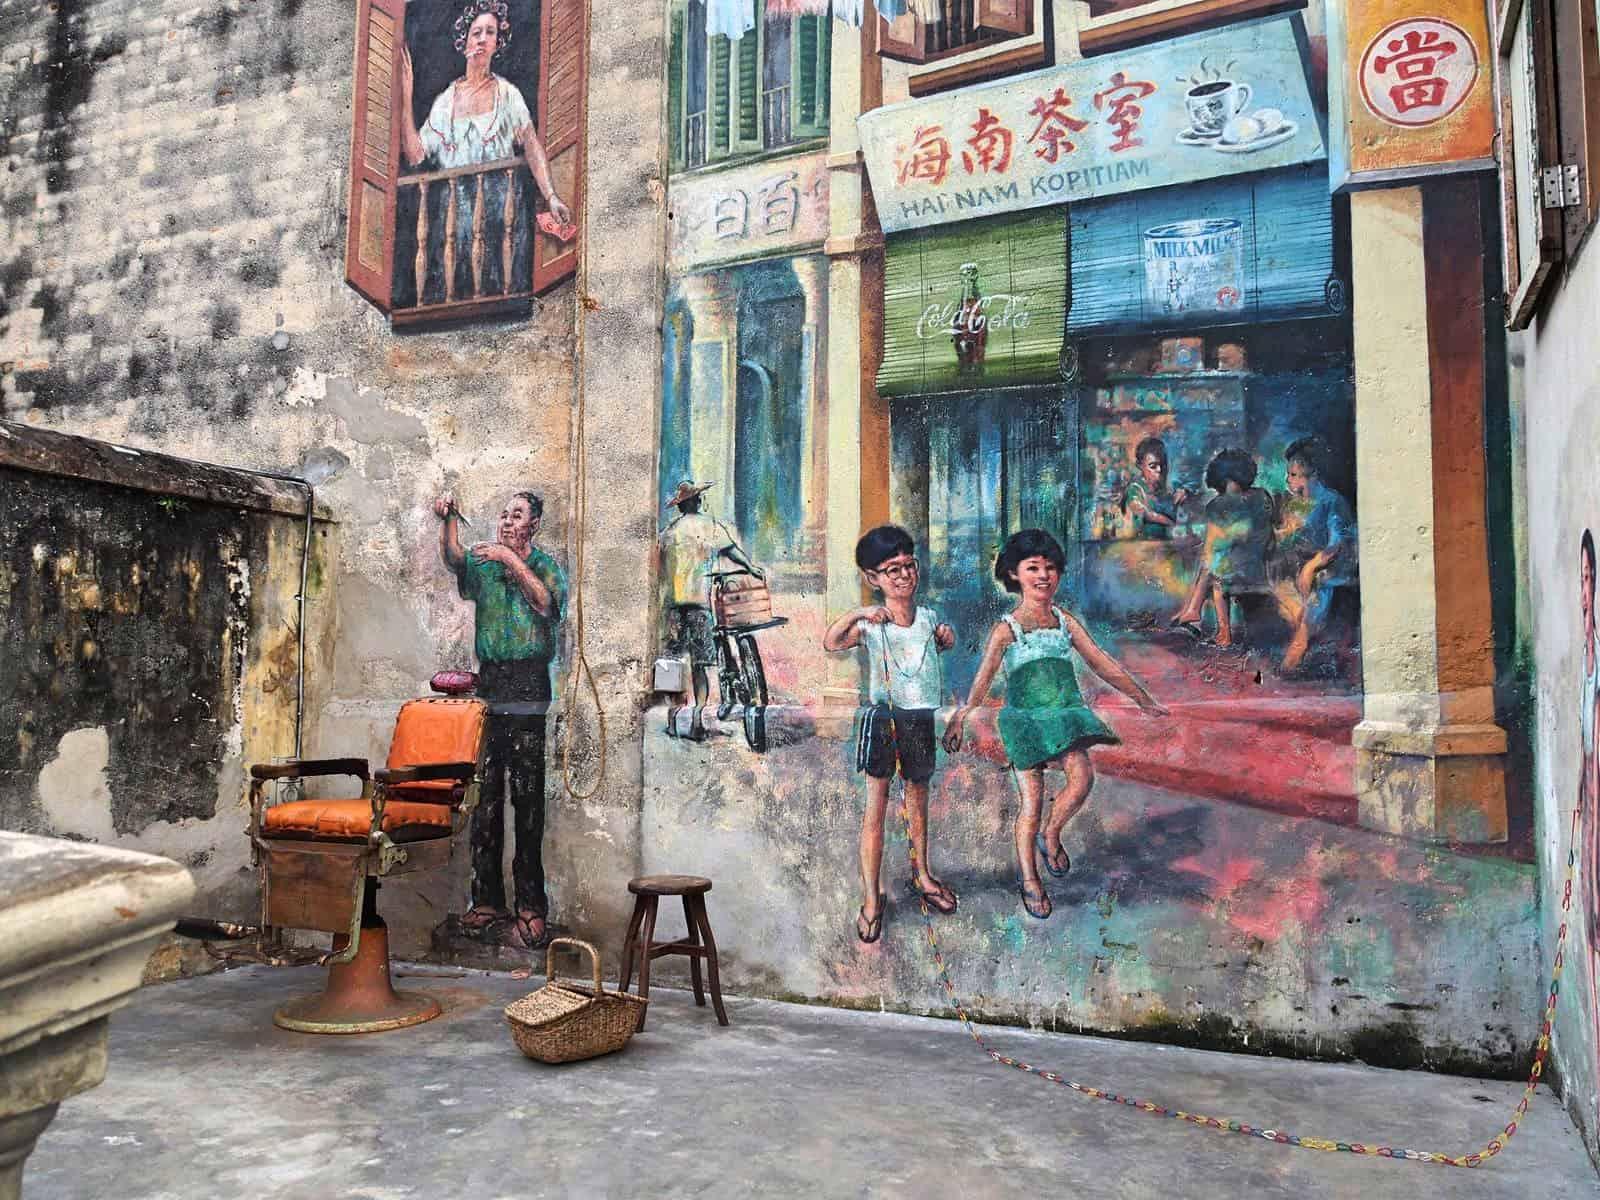 Murals in Kwai Chai Hong heritage lane, located in Kuala Lumpur's Chinatown